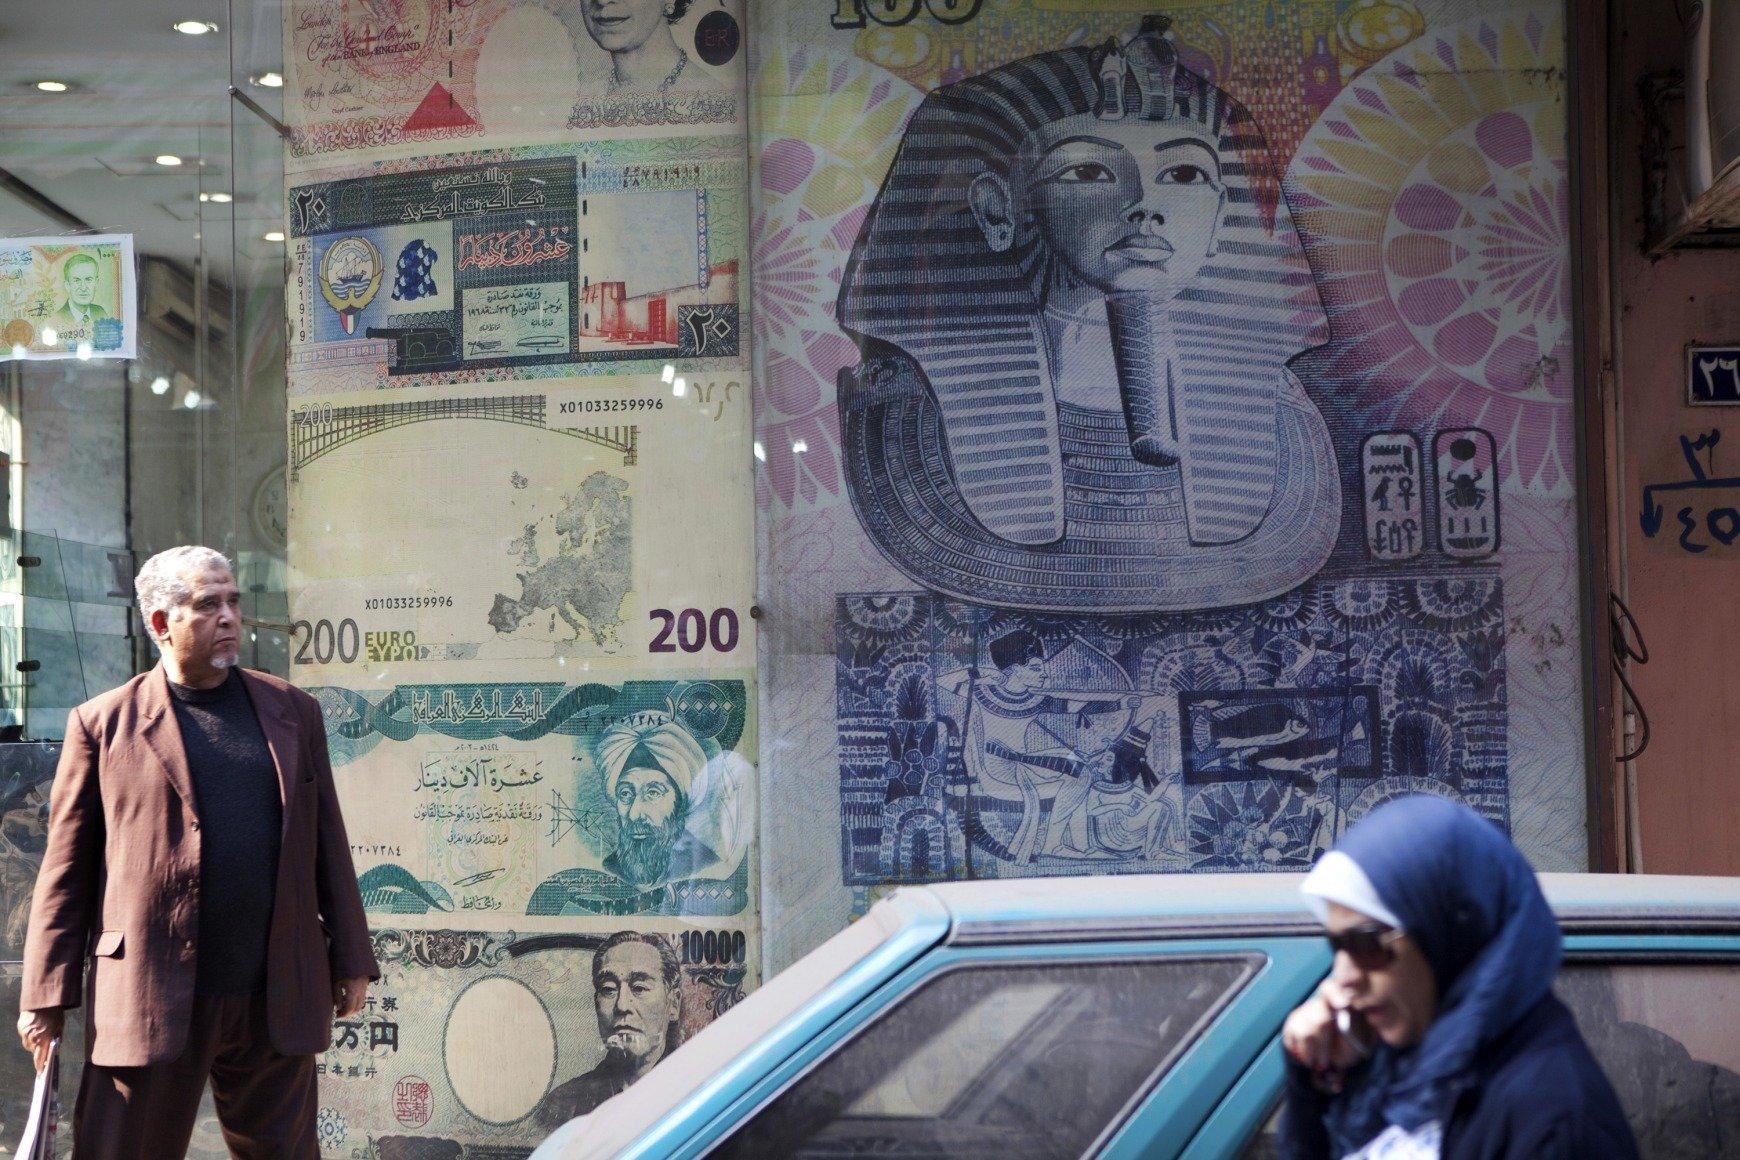 Σύλληψη συγγραφέα στην Αίγυπτο και κατάσχεση του βιβλίου του επειδή επέκρινε οικονομική πολιτική της